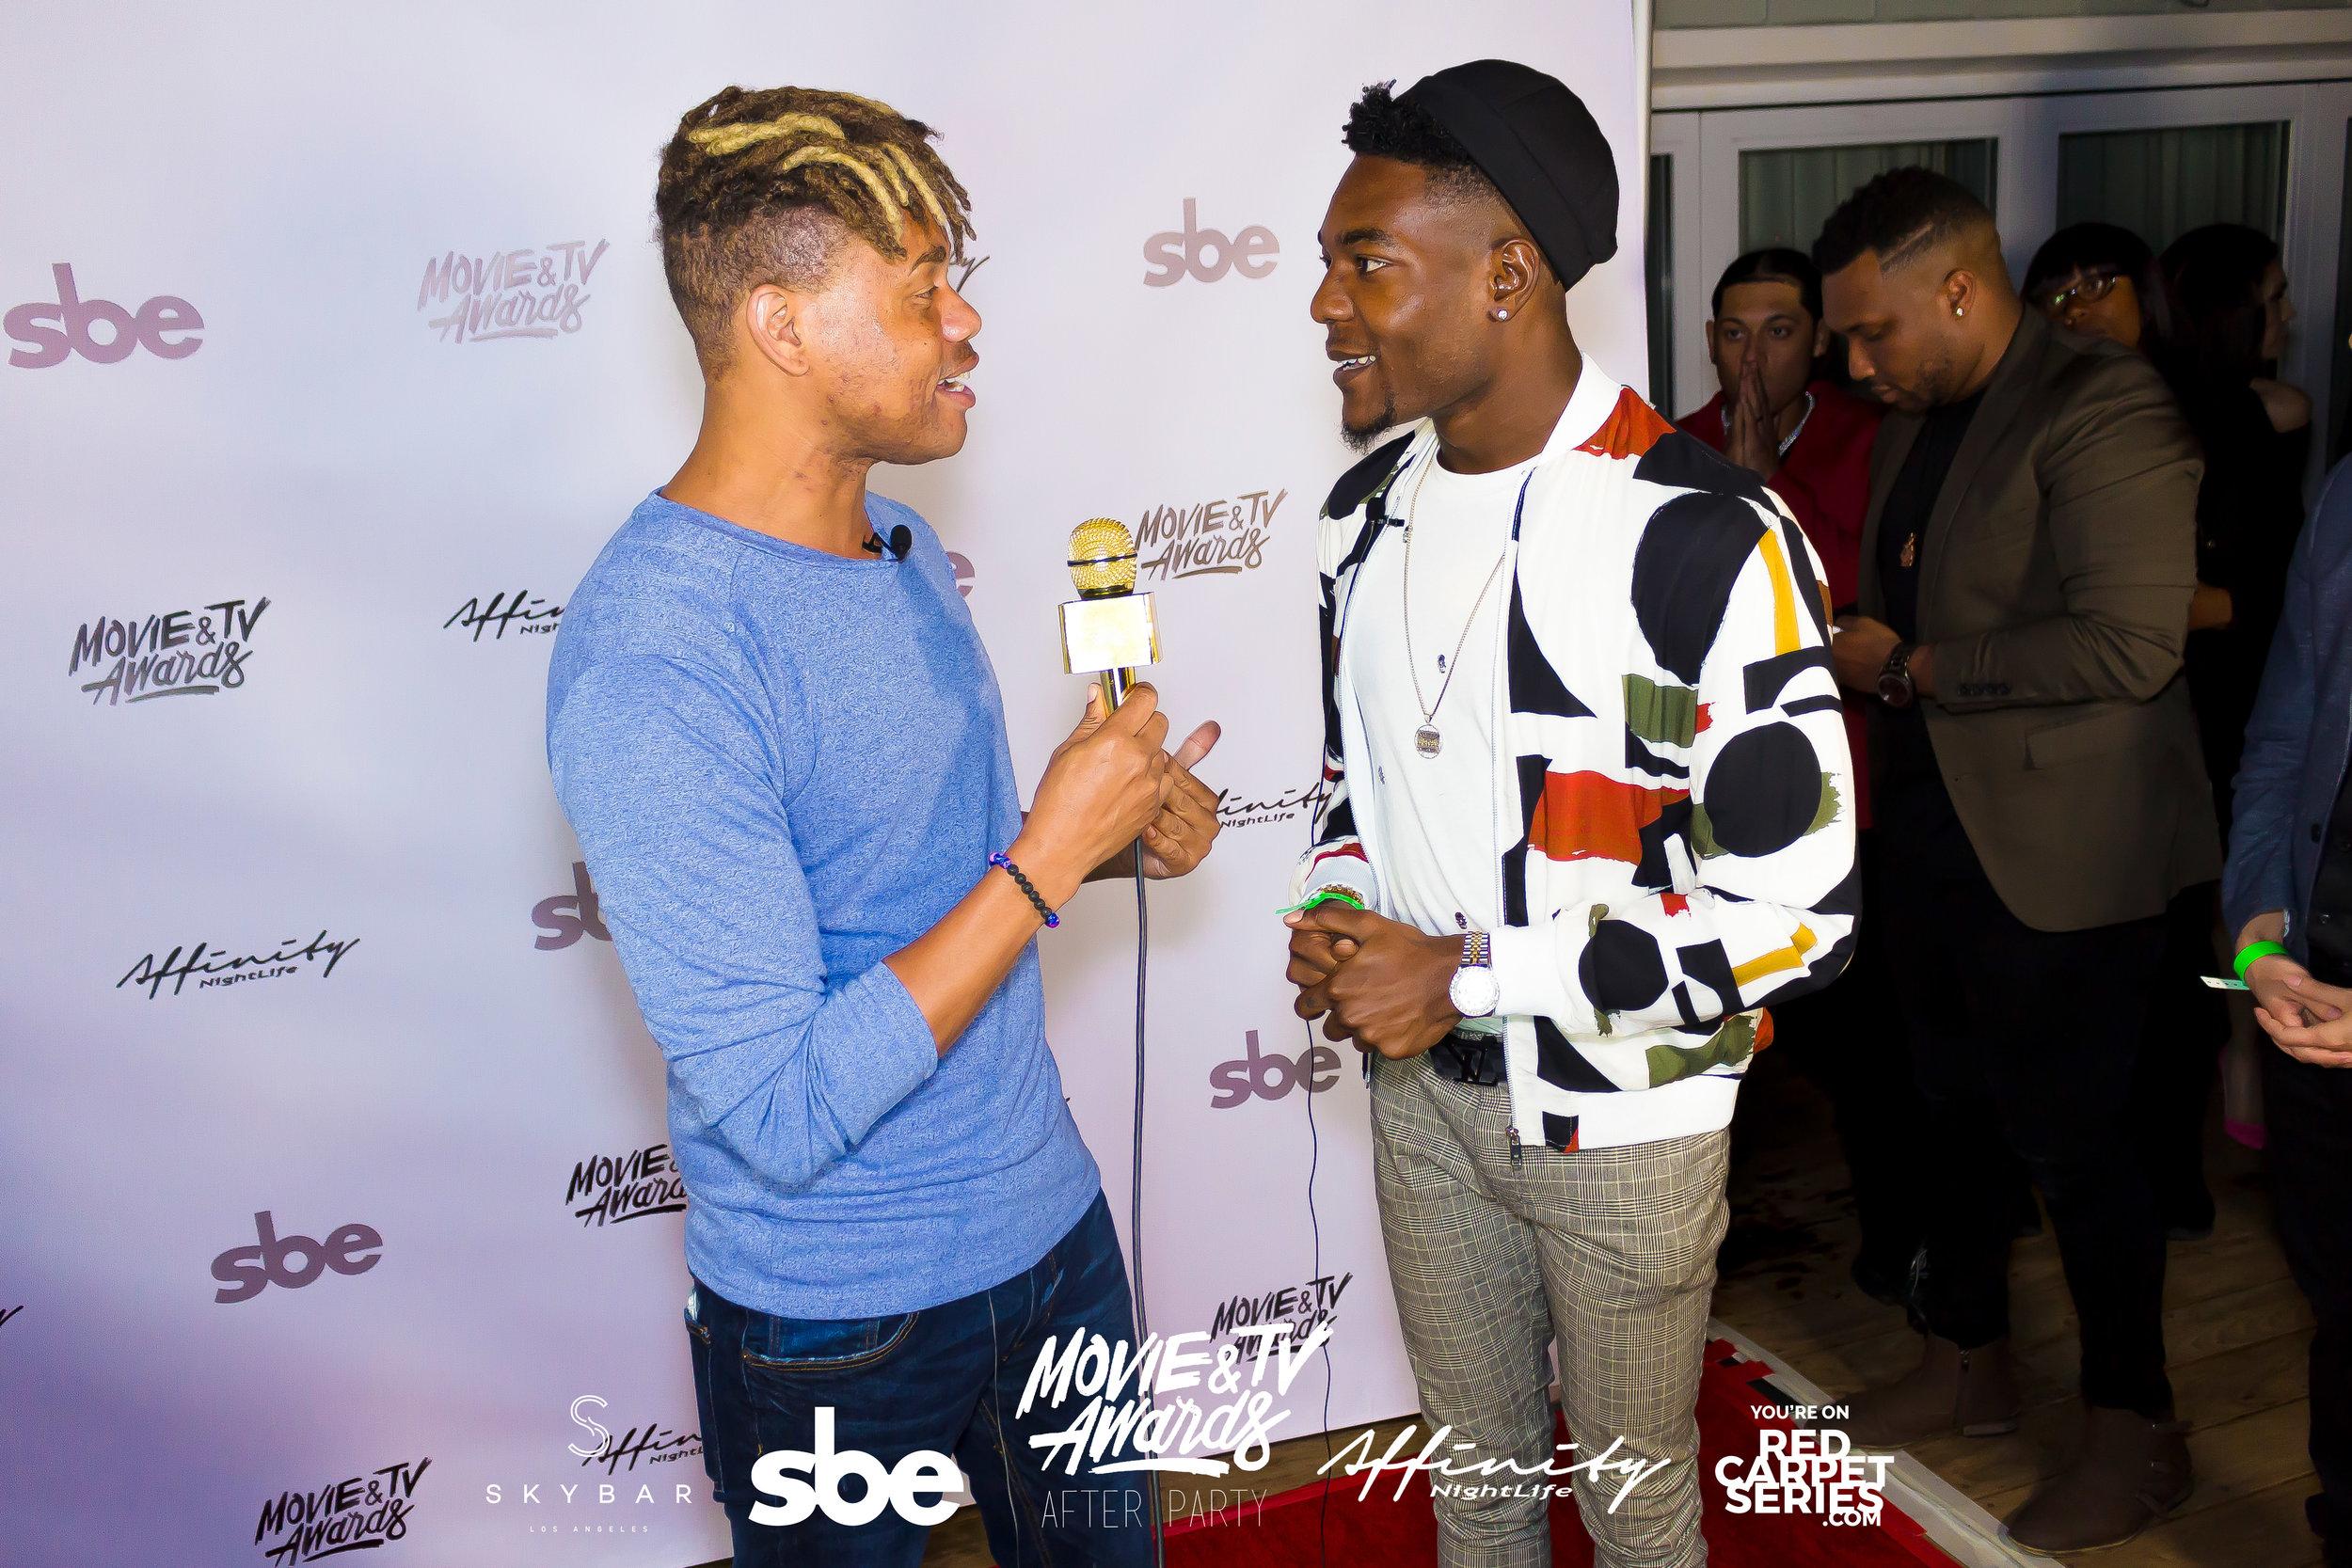 Affinity Nightlife MTV Movie & TV Awards After Party - Skybar at Mondrian - 06-15-19 - Vol. 1_48.jpg